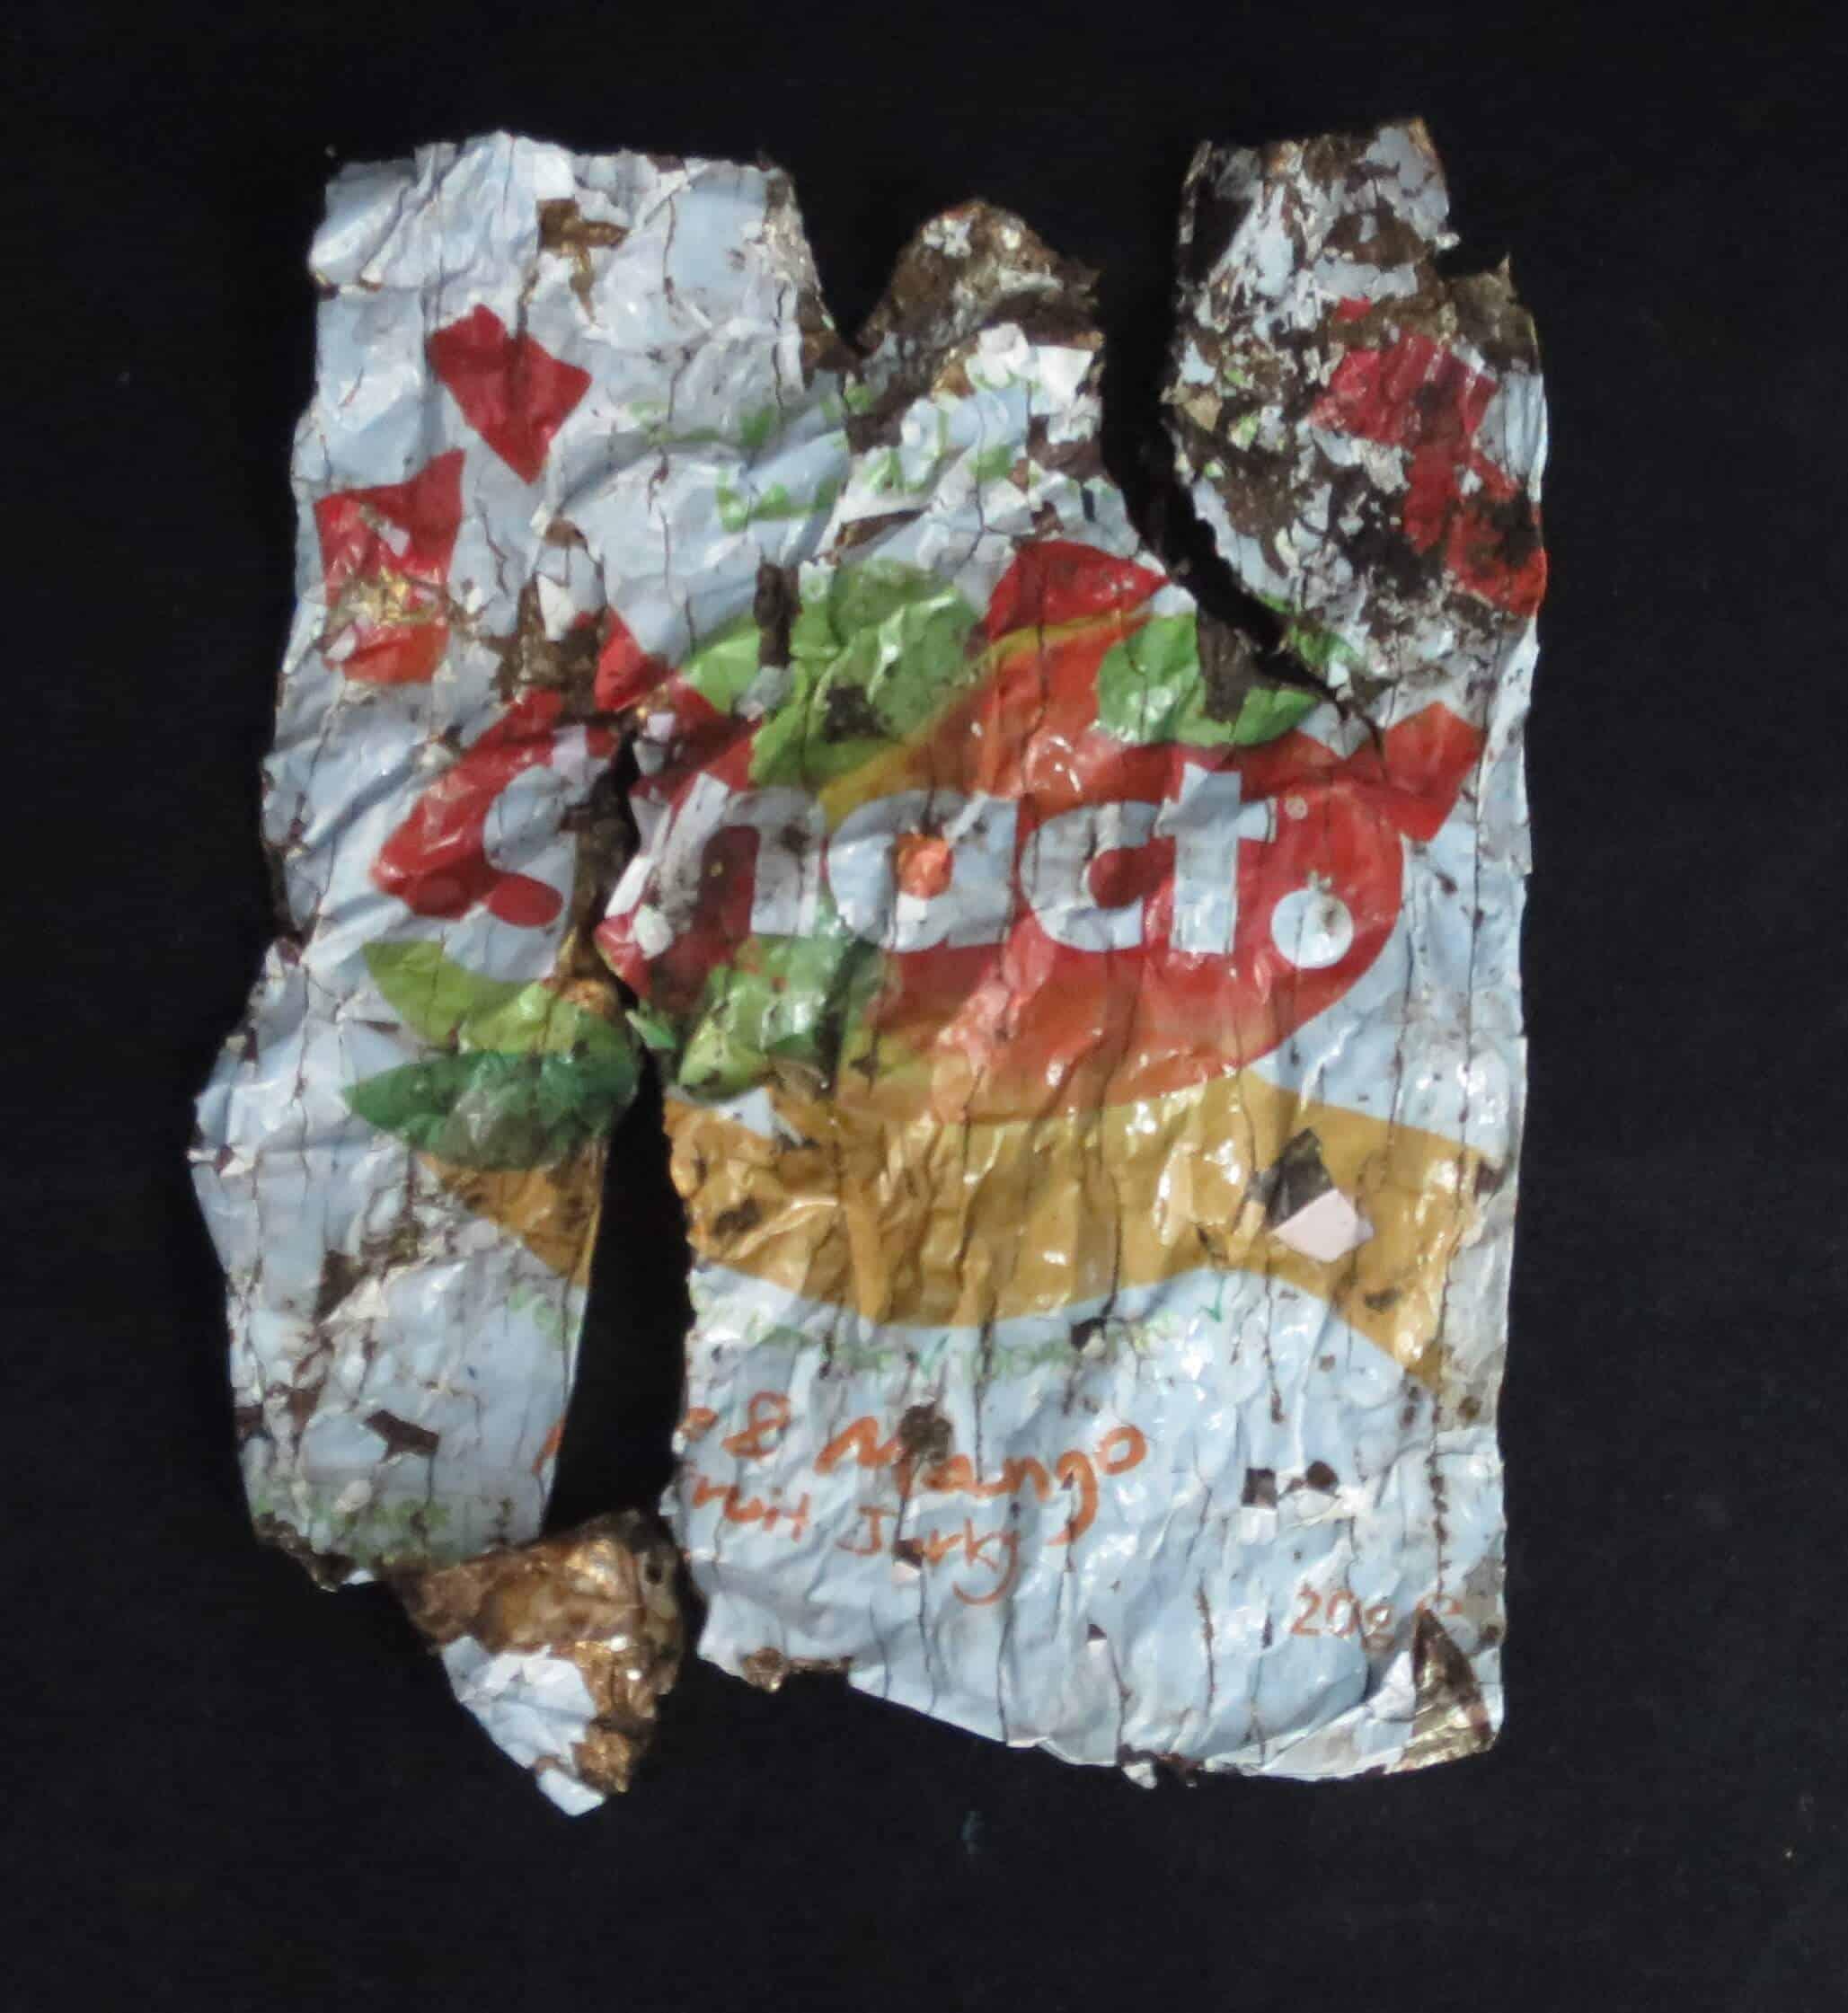 Snact Pillow Bag Decomposing